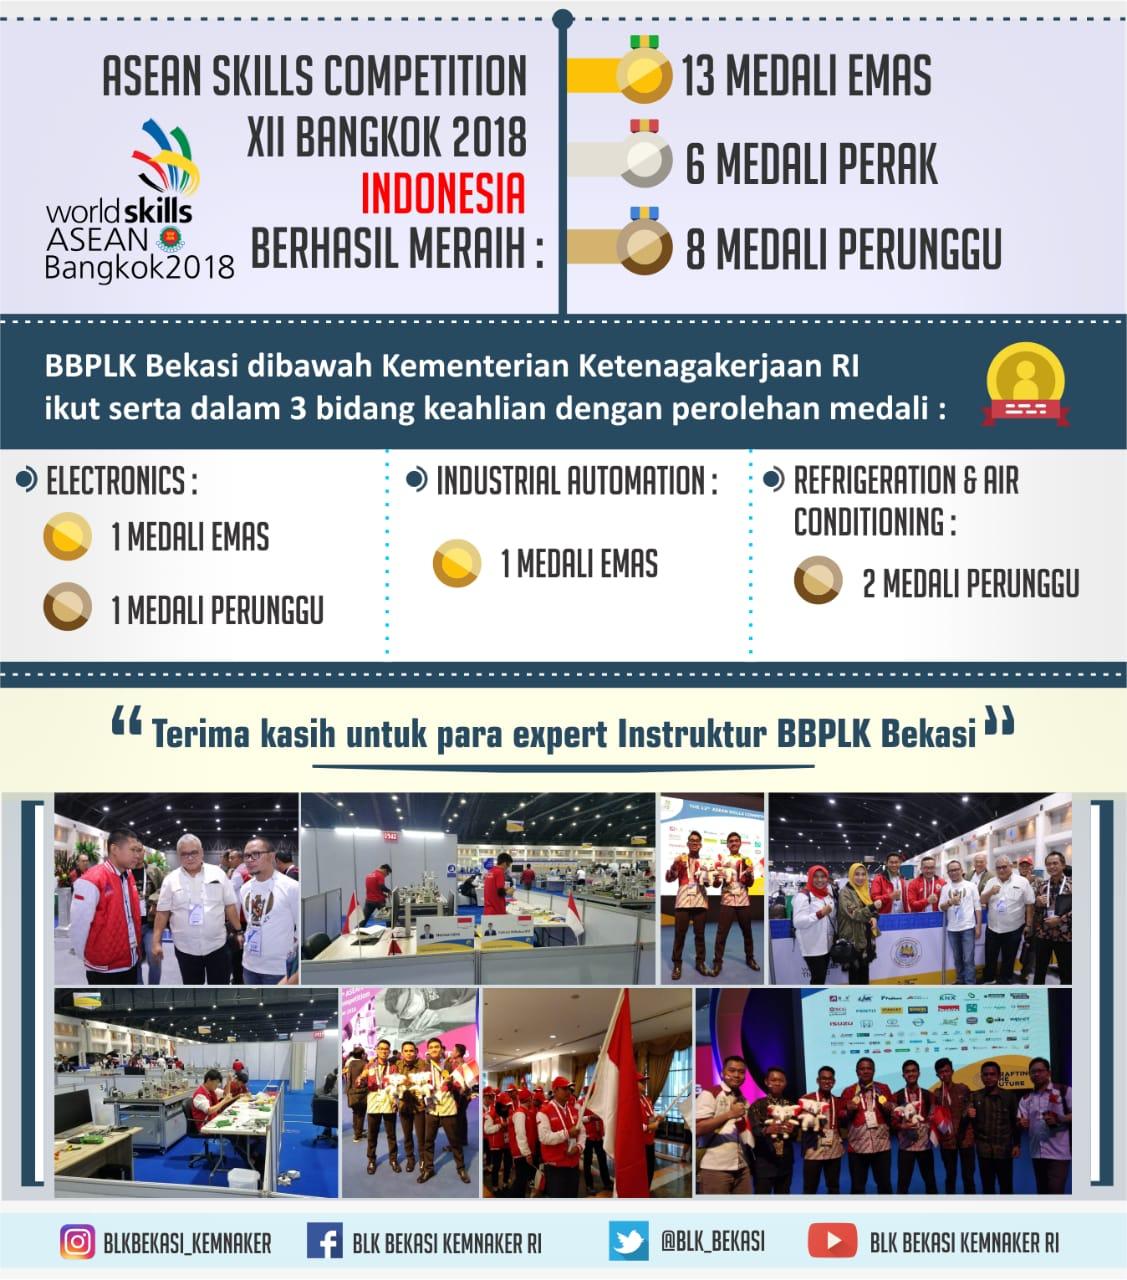 BBPLK Bekasi meraih Medali Emas dalam ajang ASEAN Skills Competition 2018 di Thailand